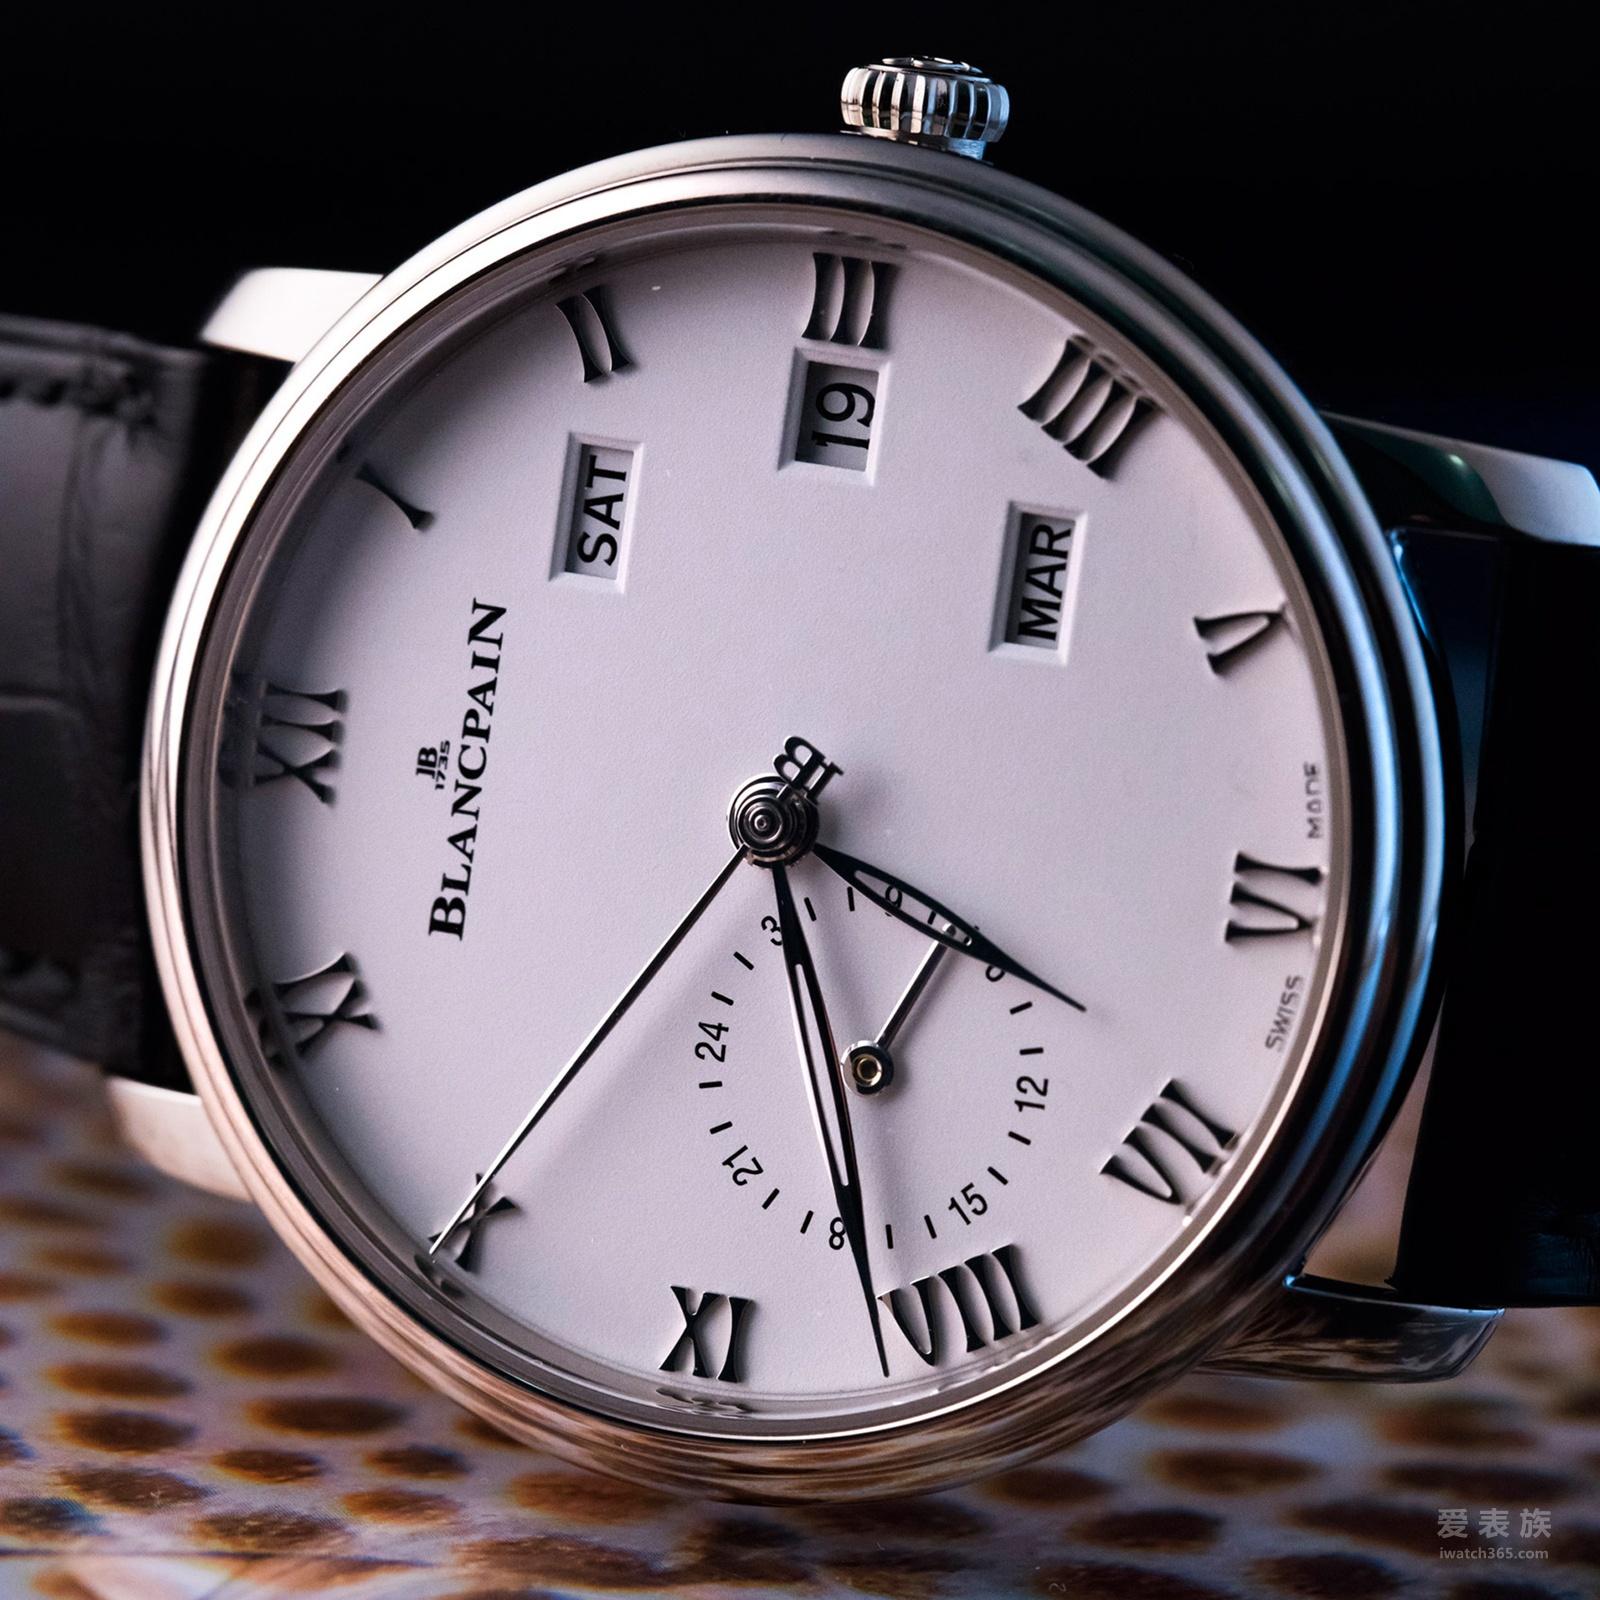 宝珀Villeret Quantième Annuel GMT两地时年历腕表精钢款